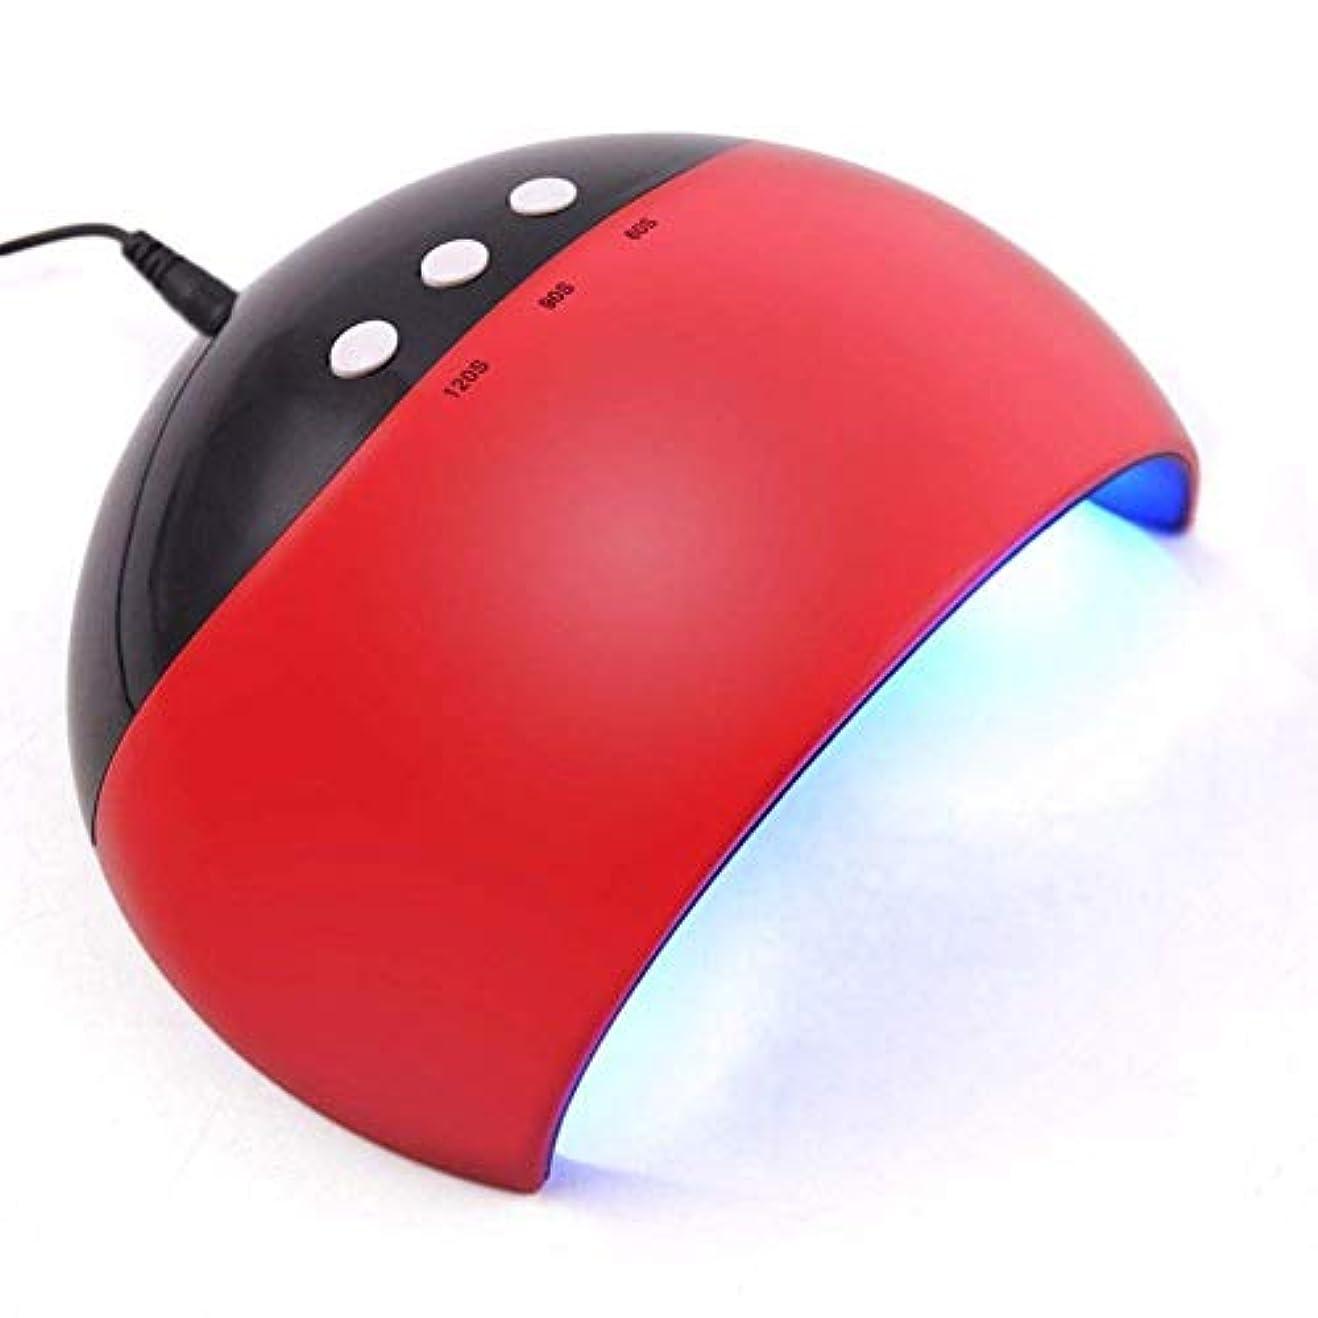 好戦的な潜む筋ネイルドライヤー新しいスタイルLED UVネイルドライヤーポータブルサポートUSB LEDランプネイルドライヤーUV硬化ゲル用速乾性24WサポートUSB充電、写真の色